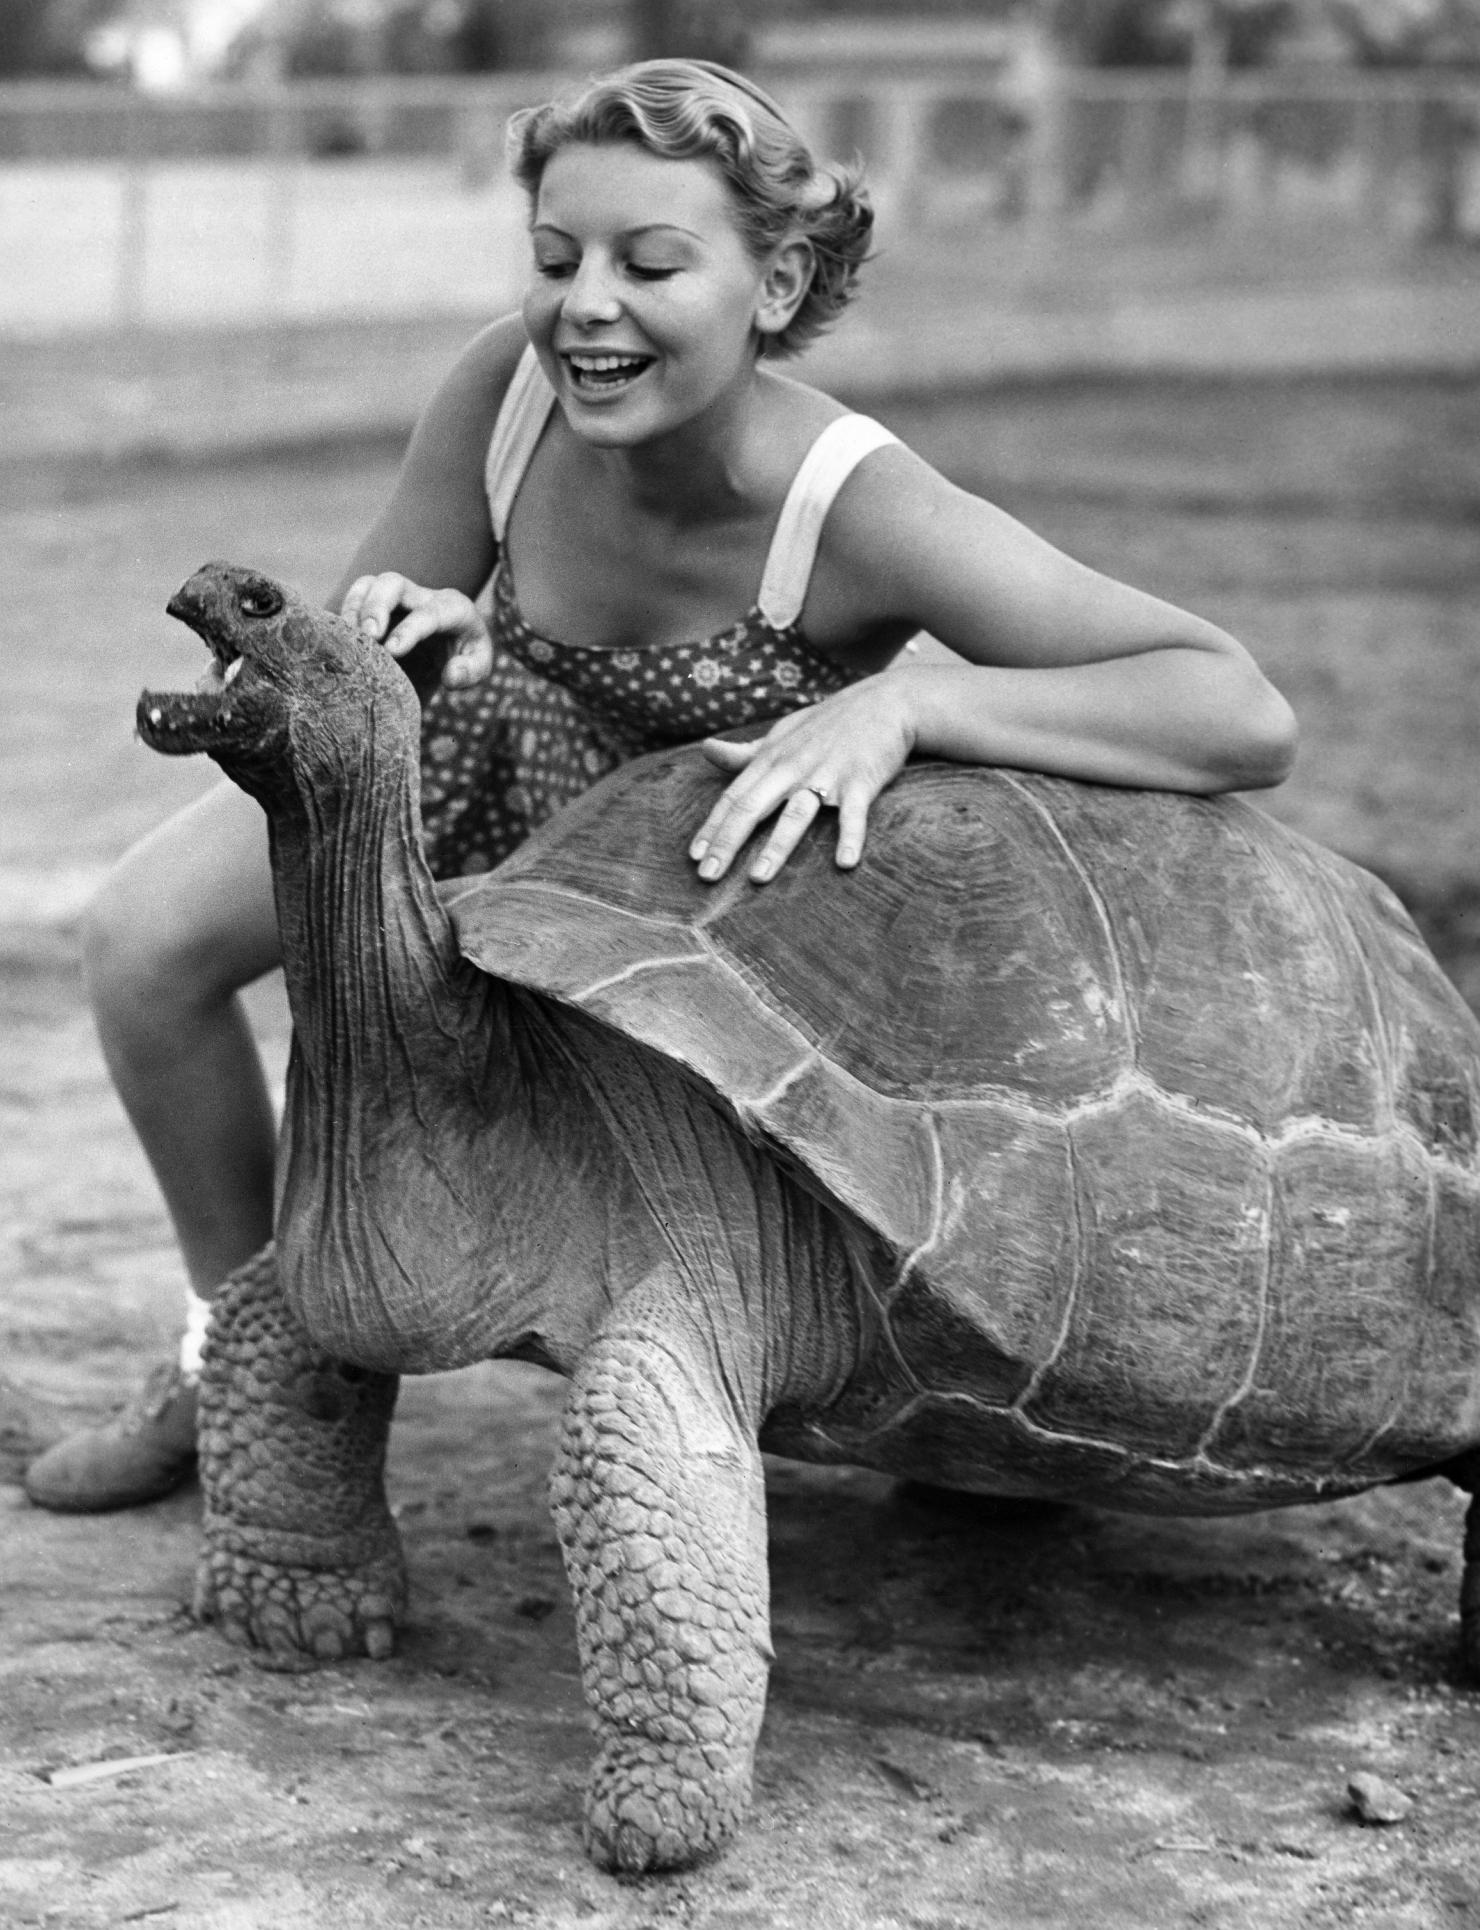 Diego, țestoasa care și-a salvat specia de la dispariție